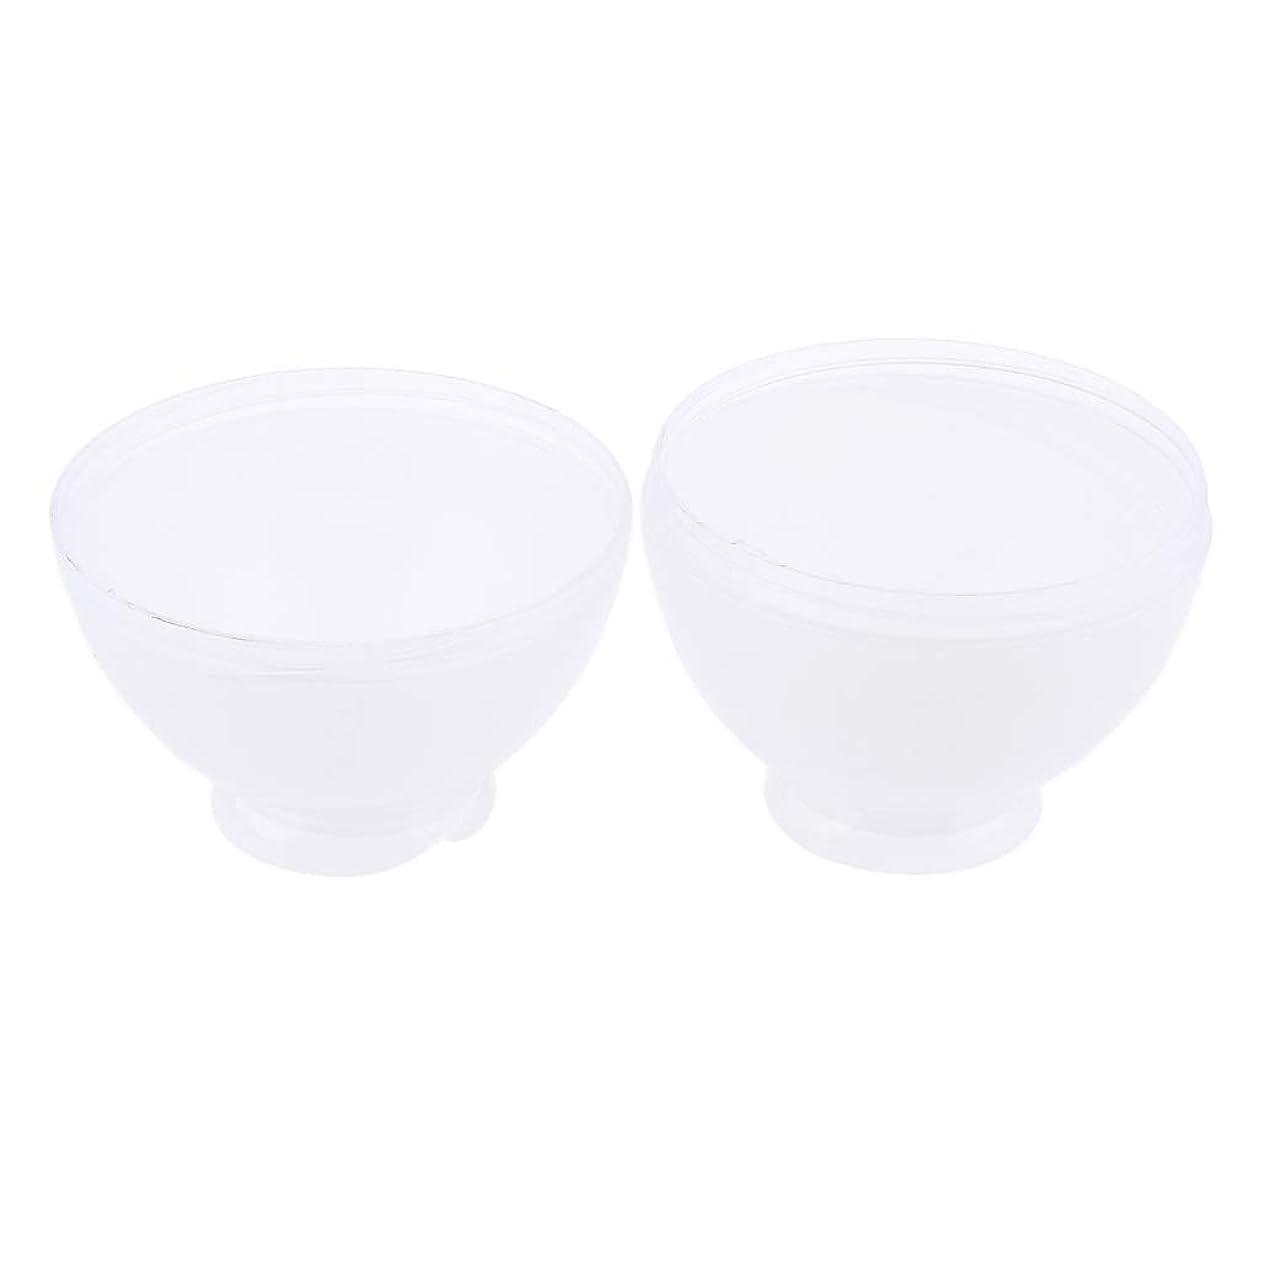 犯すはっきりしないこっそりP Prettyia ヘアカラー ミキシングボトル プラスチック製 速乾性 3色選べ - 白